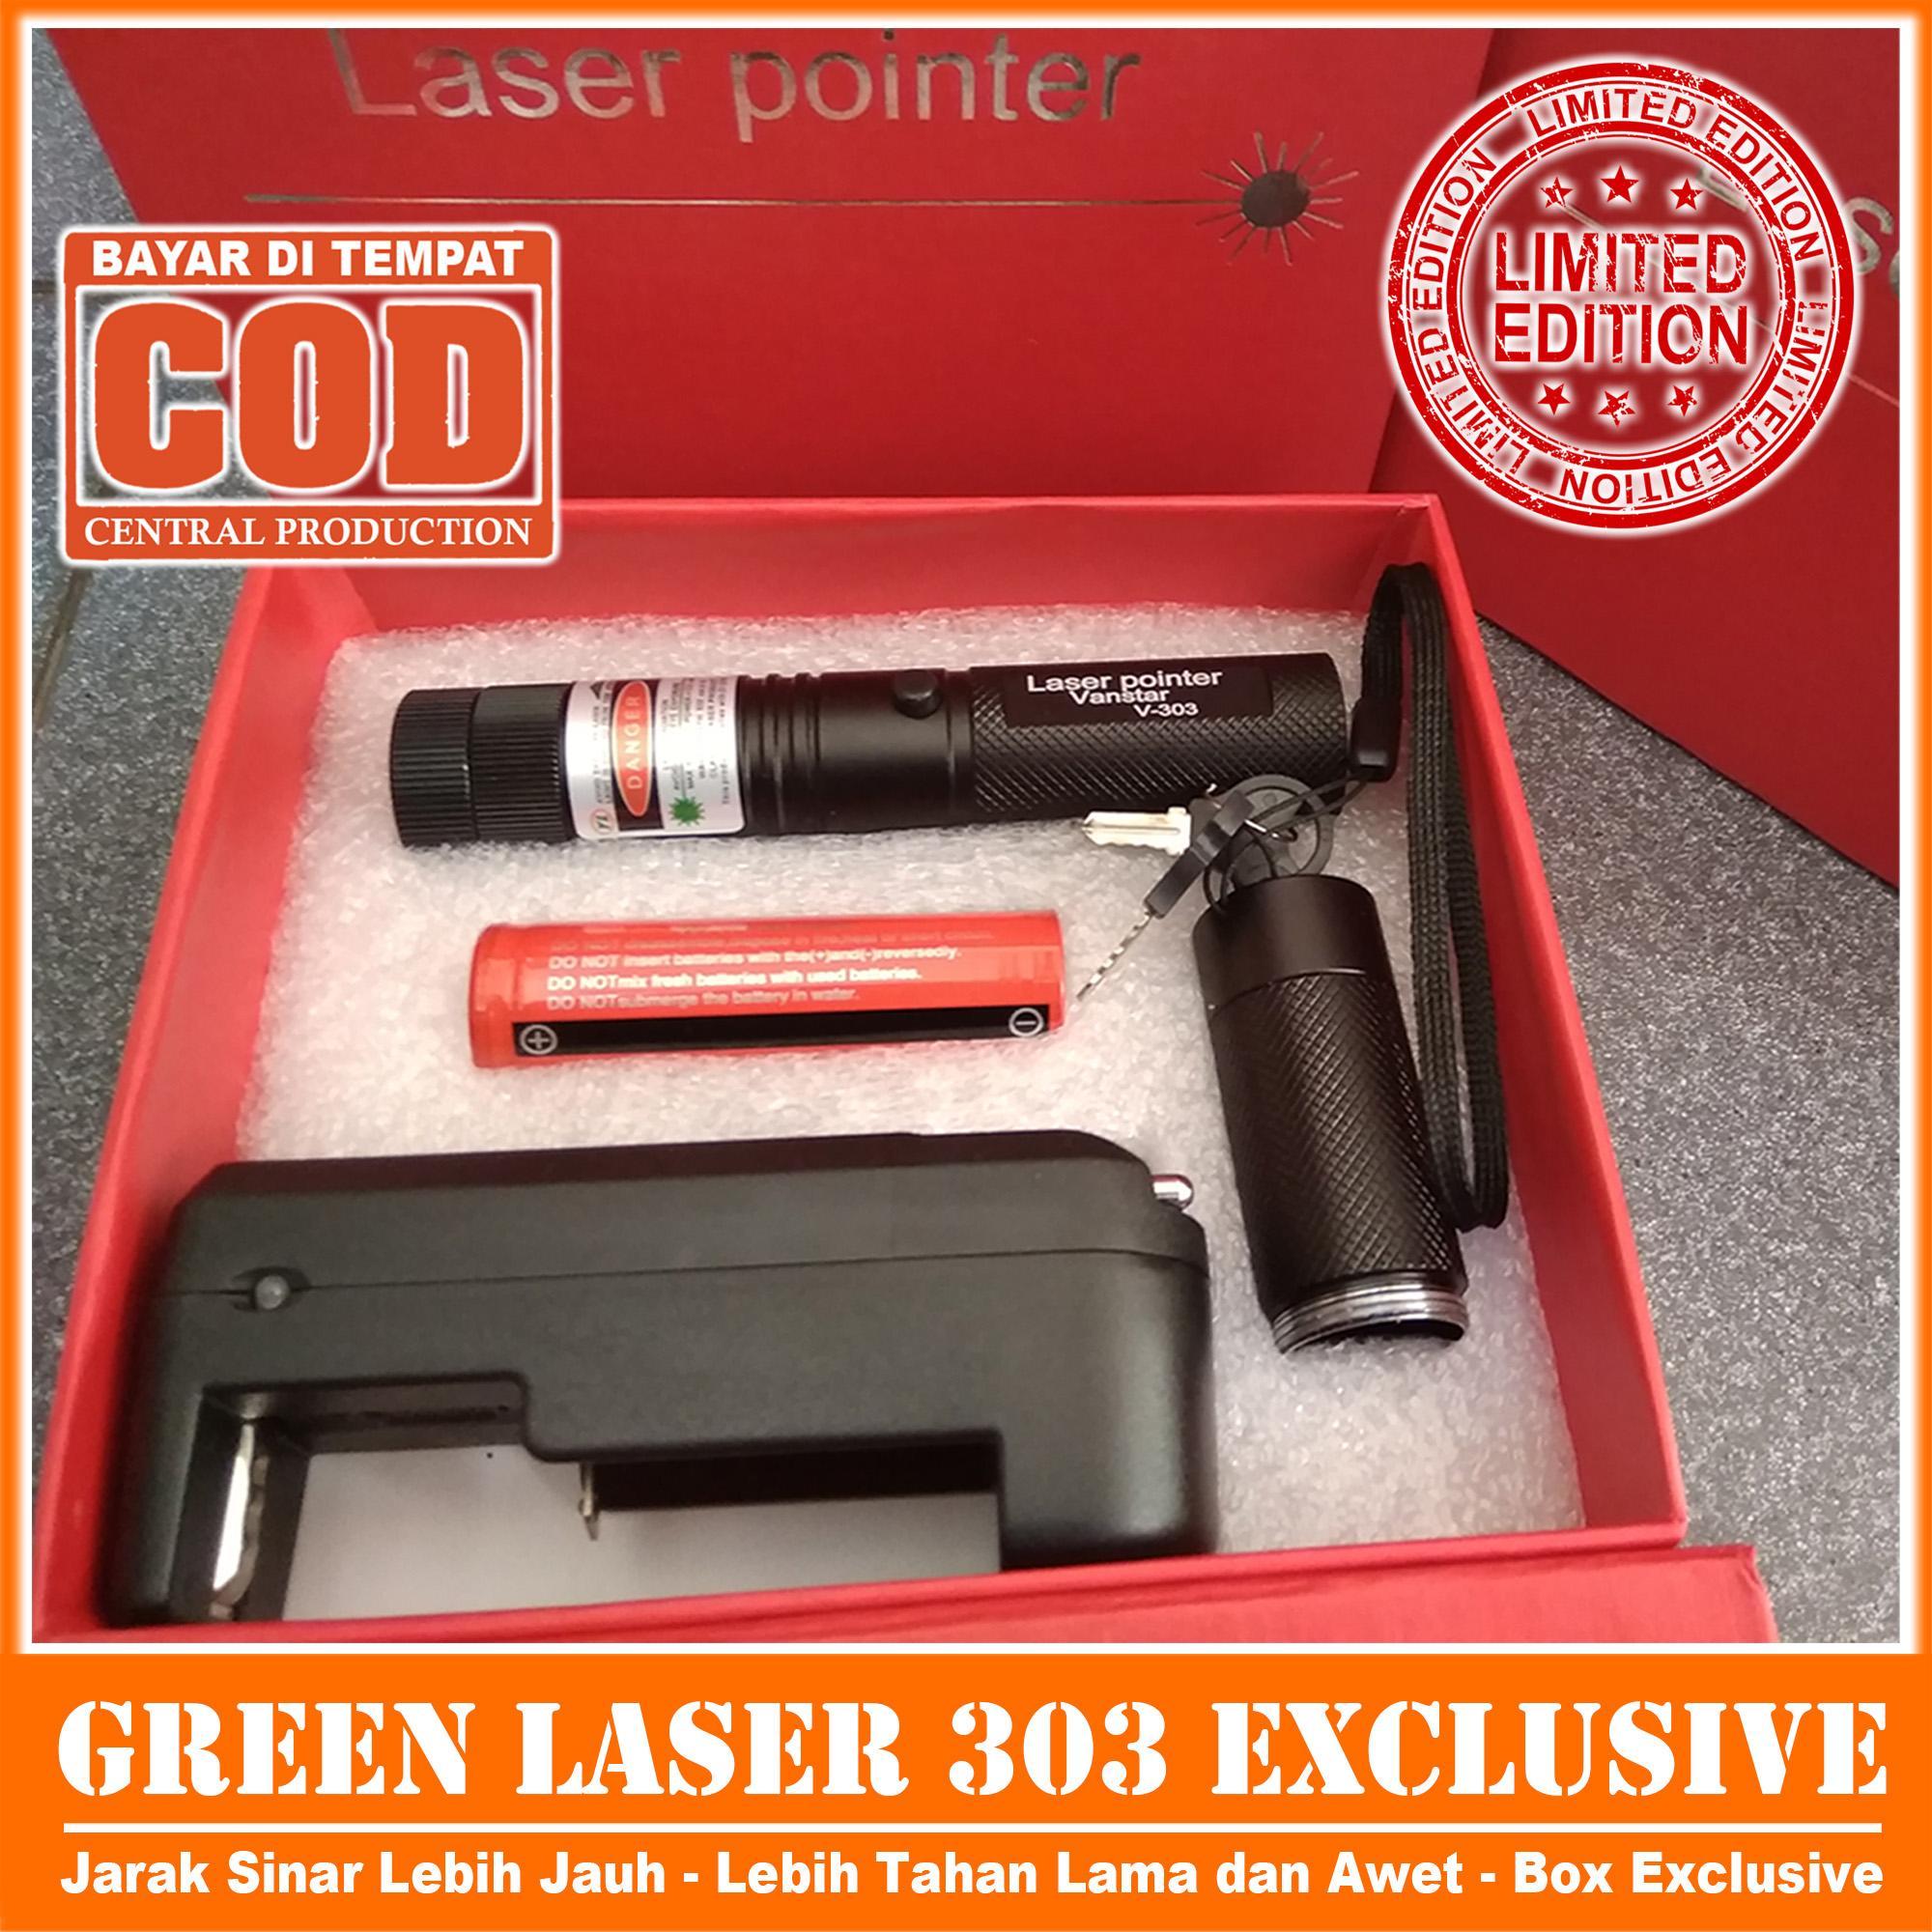 Green Laser 303 / Laser Hijau VERSI BARU Lebih Jauh, Lebih Tahan Lama REAL PICTURE